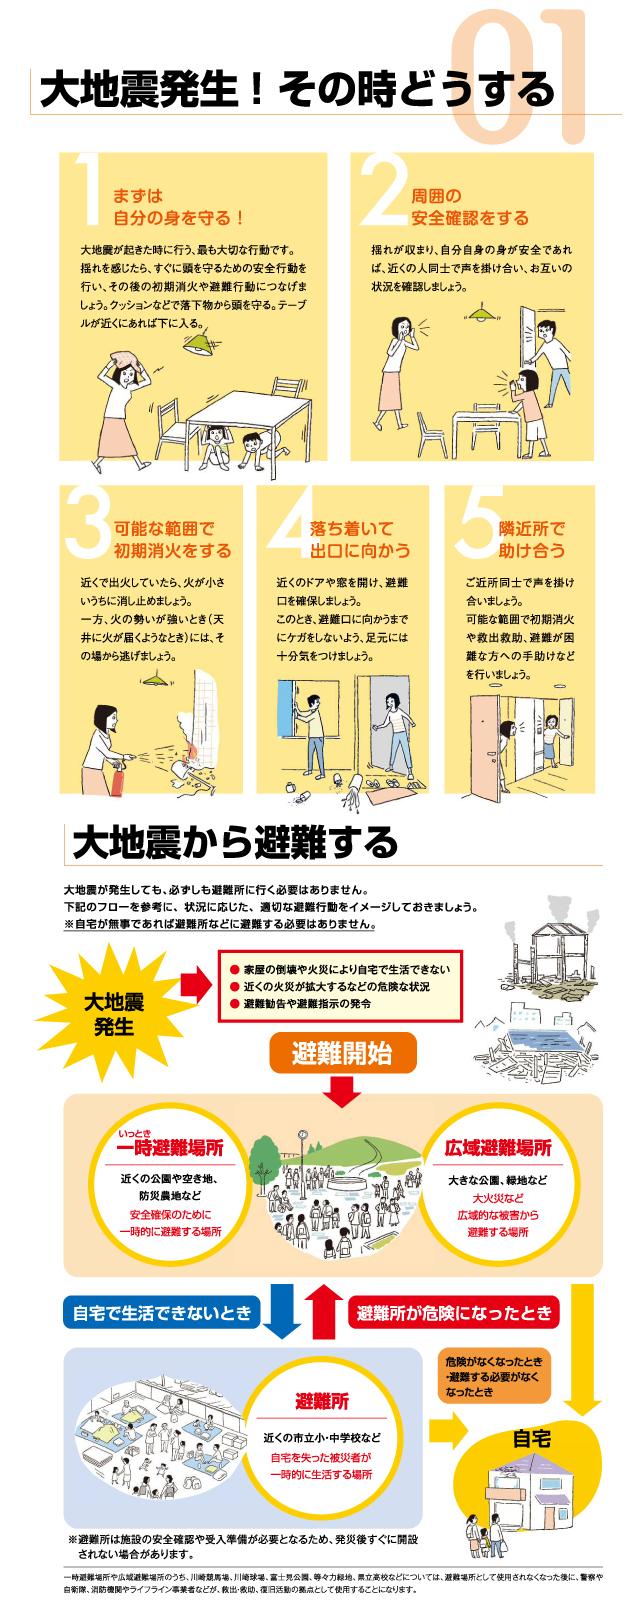 (宮前区)長沢自治会-地震イラスト